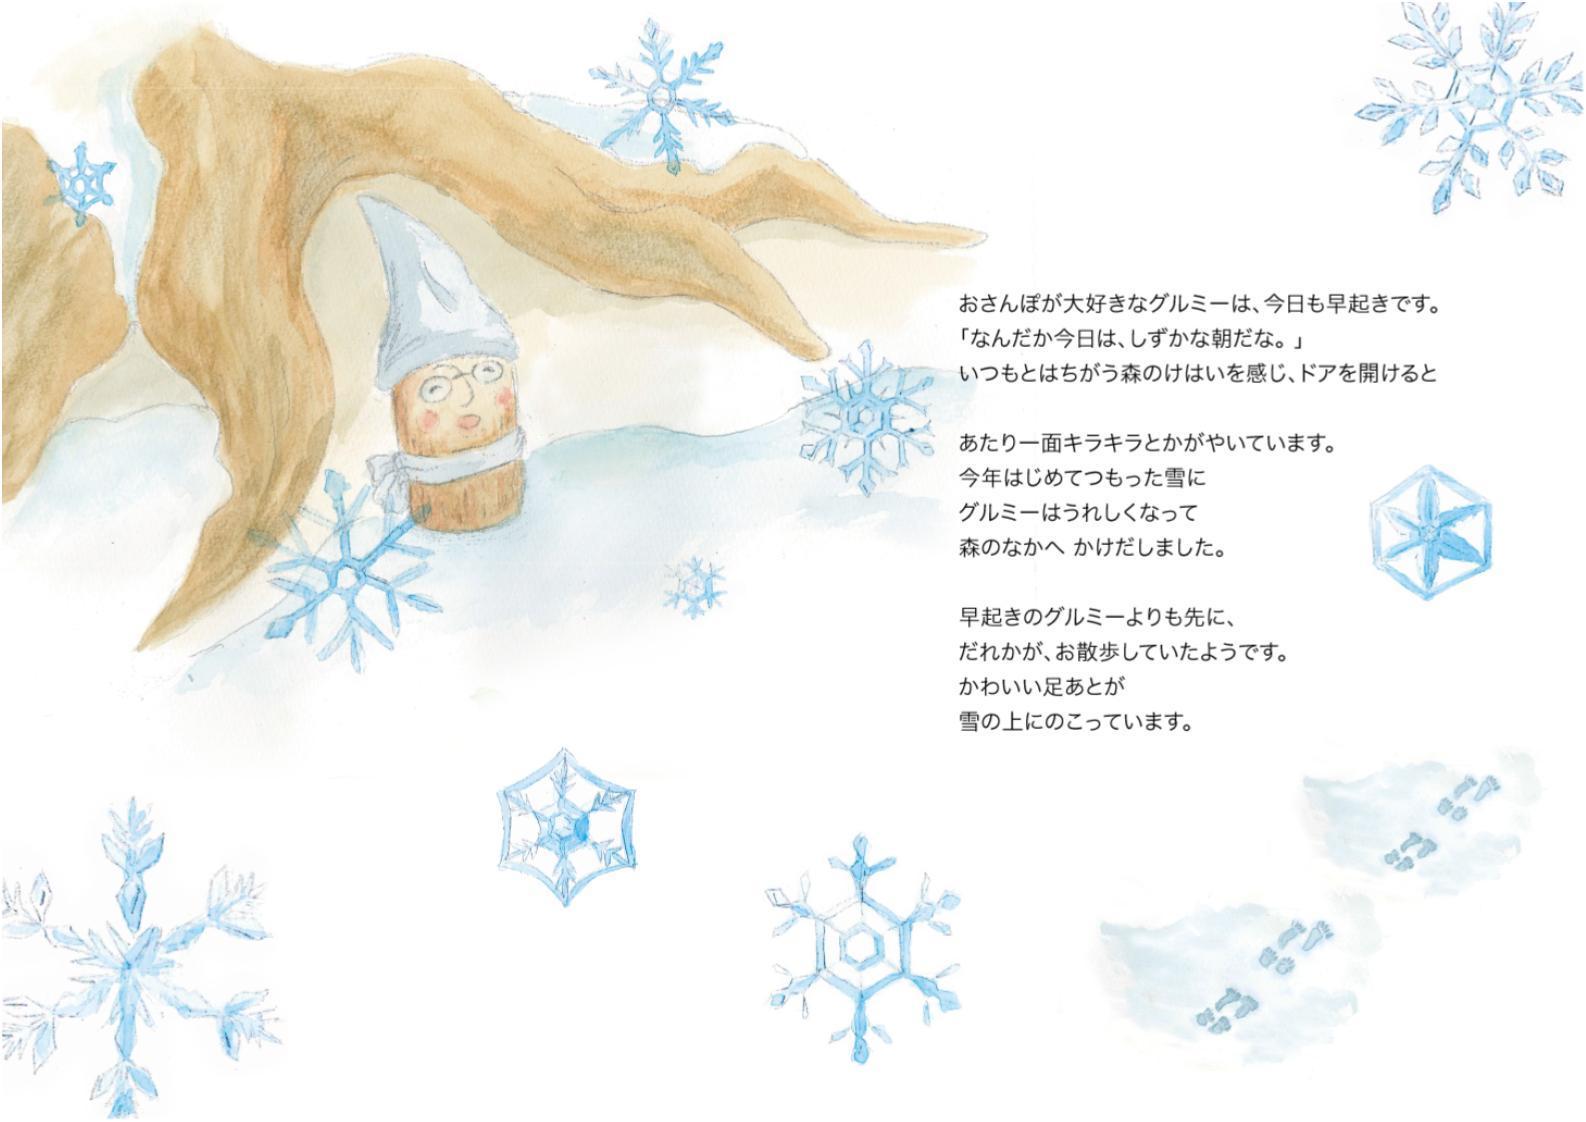 あなたがつむぐ コロモックの冬物語_b0174425_11170670.jpg